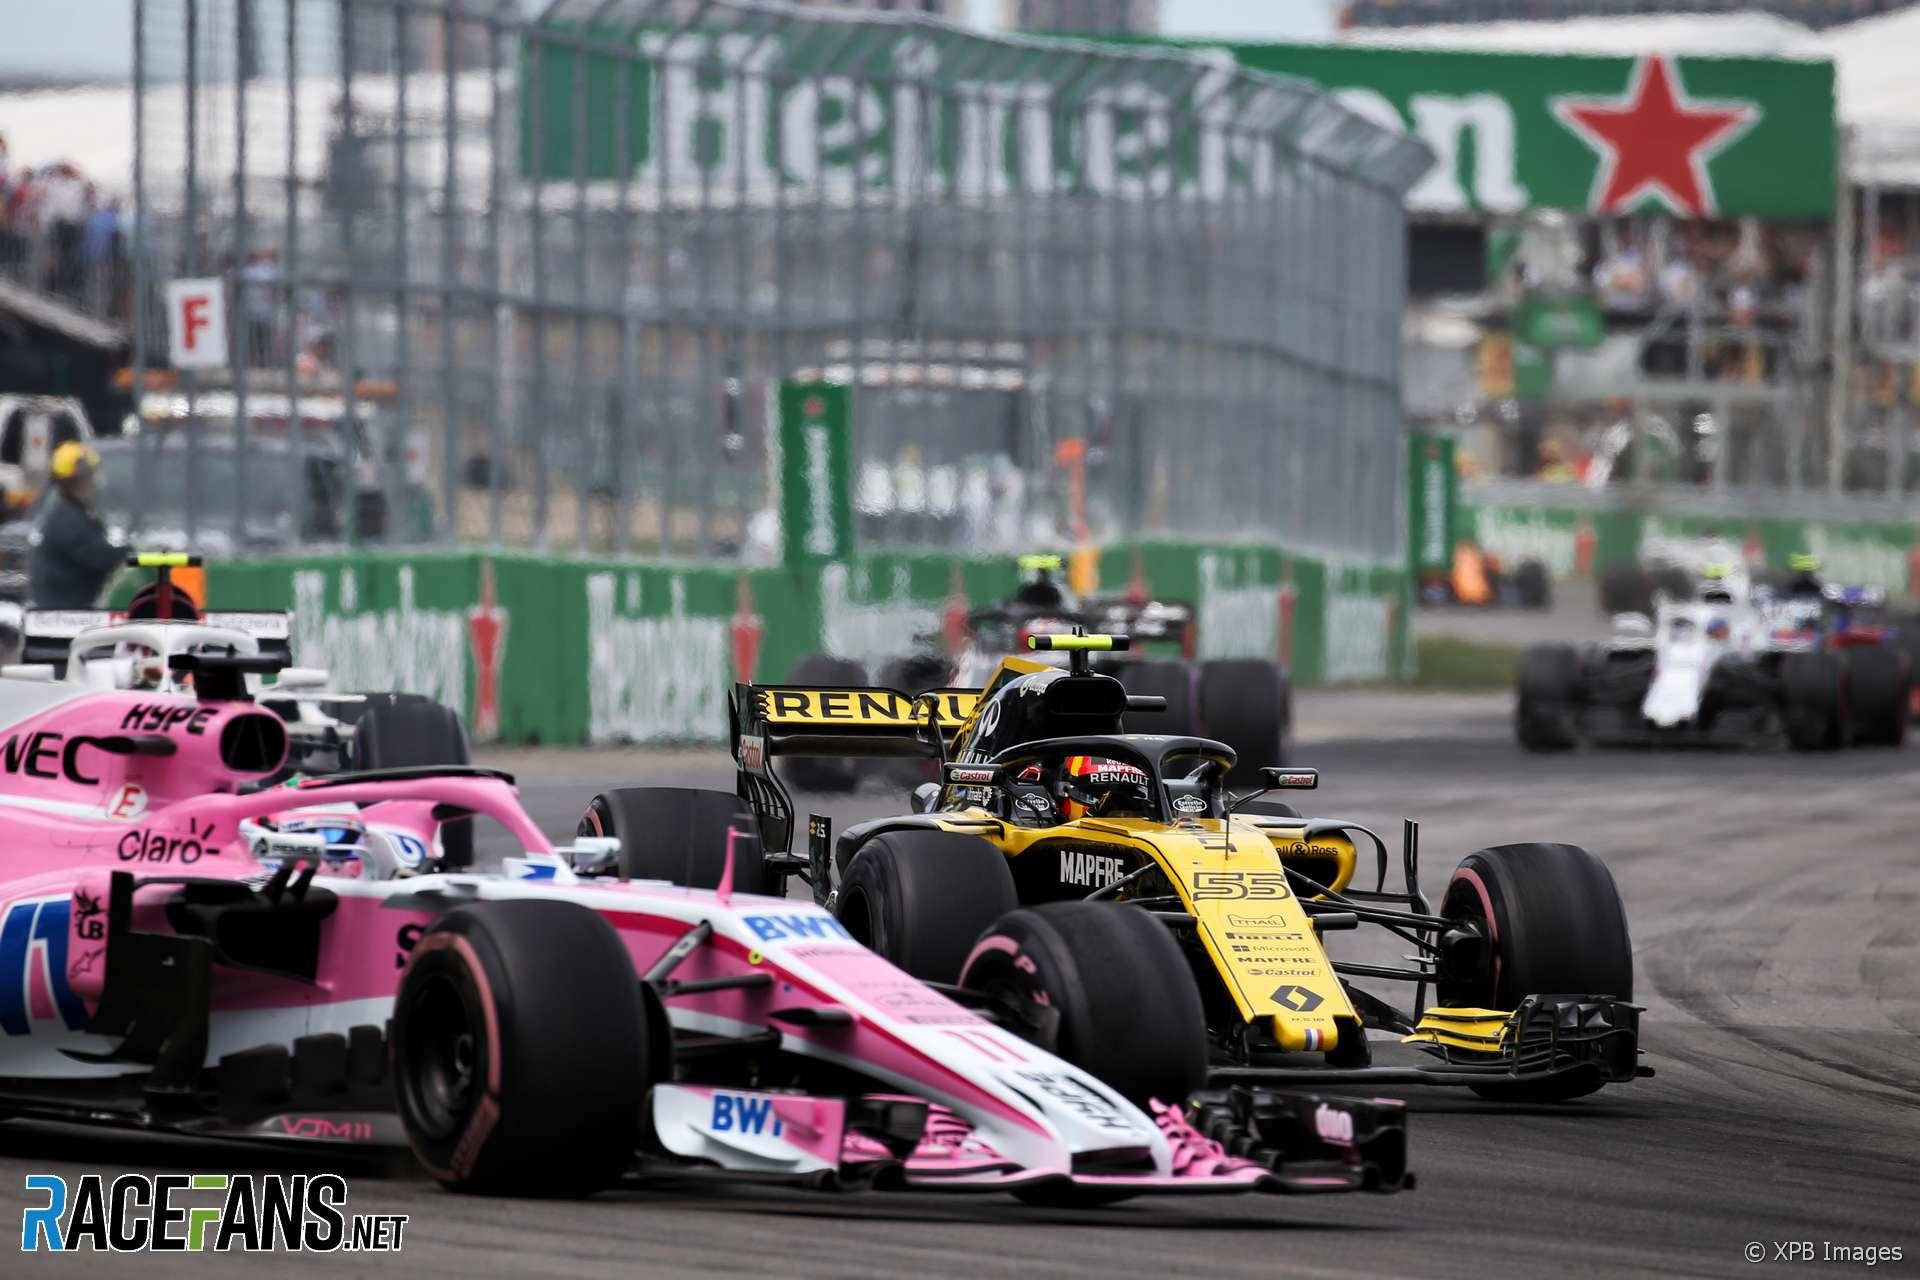 Sergio Perez, Force India, Circuit Gilles Villeneuve, 2018